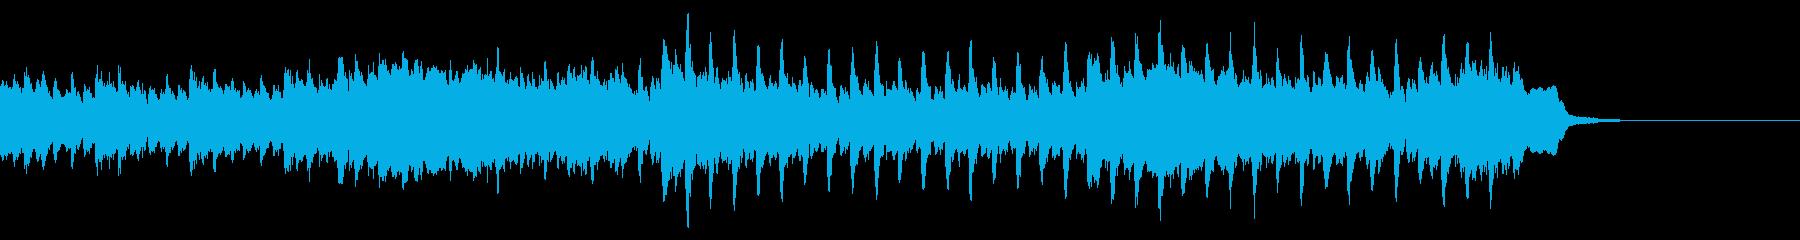 広告動画に使える爽やかなピアノの4つ打ちの再生済みの波形